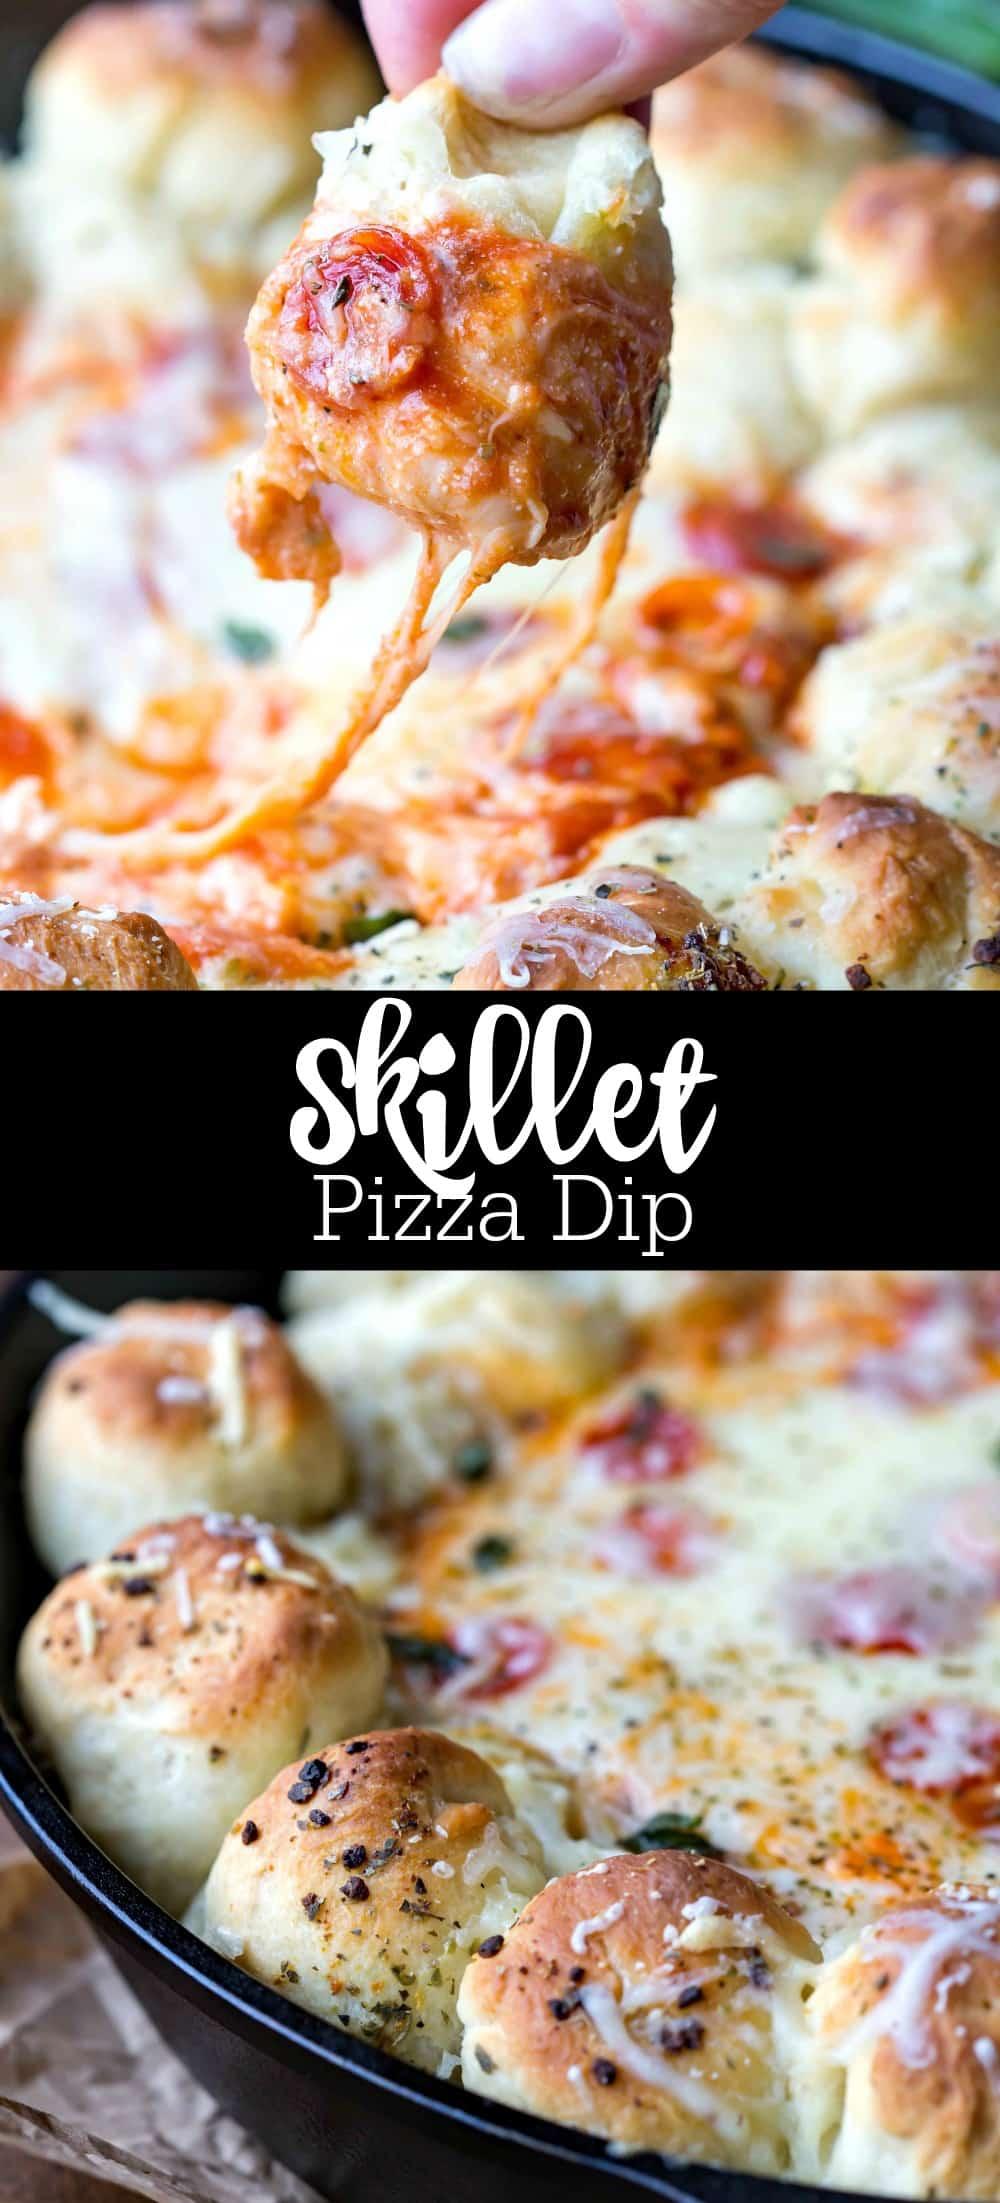 Skillet Pizza Dip Recipe